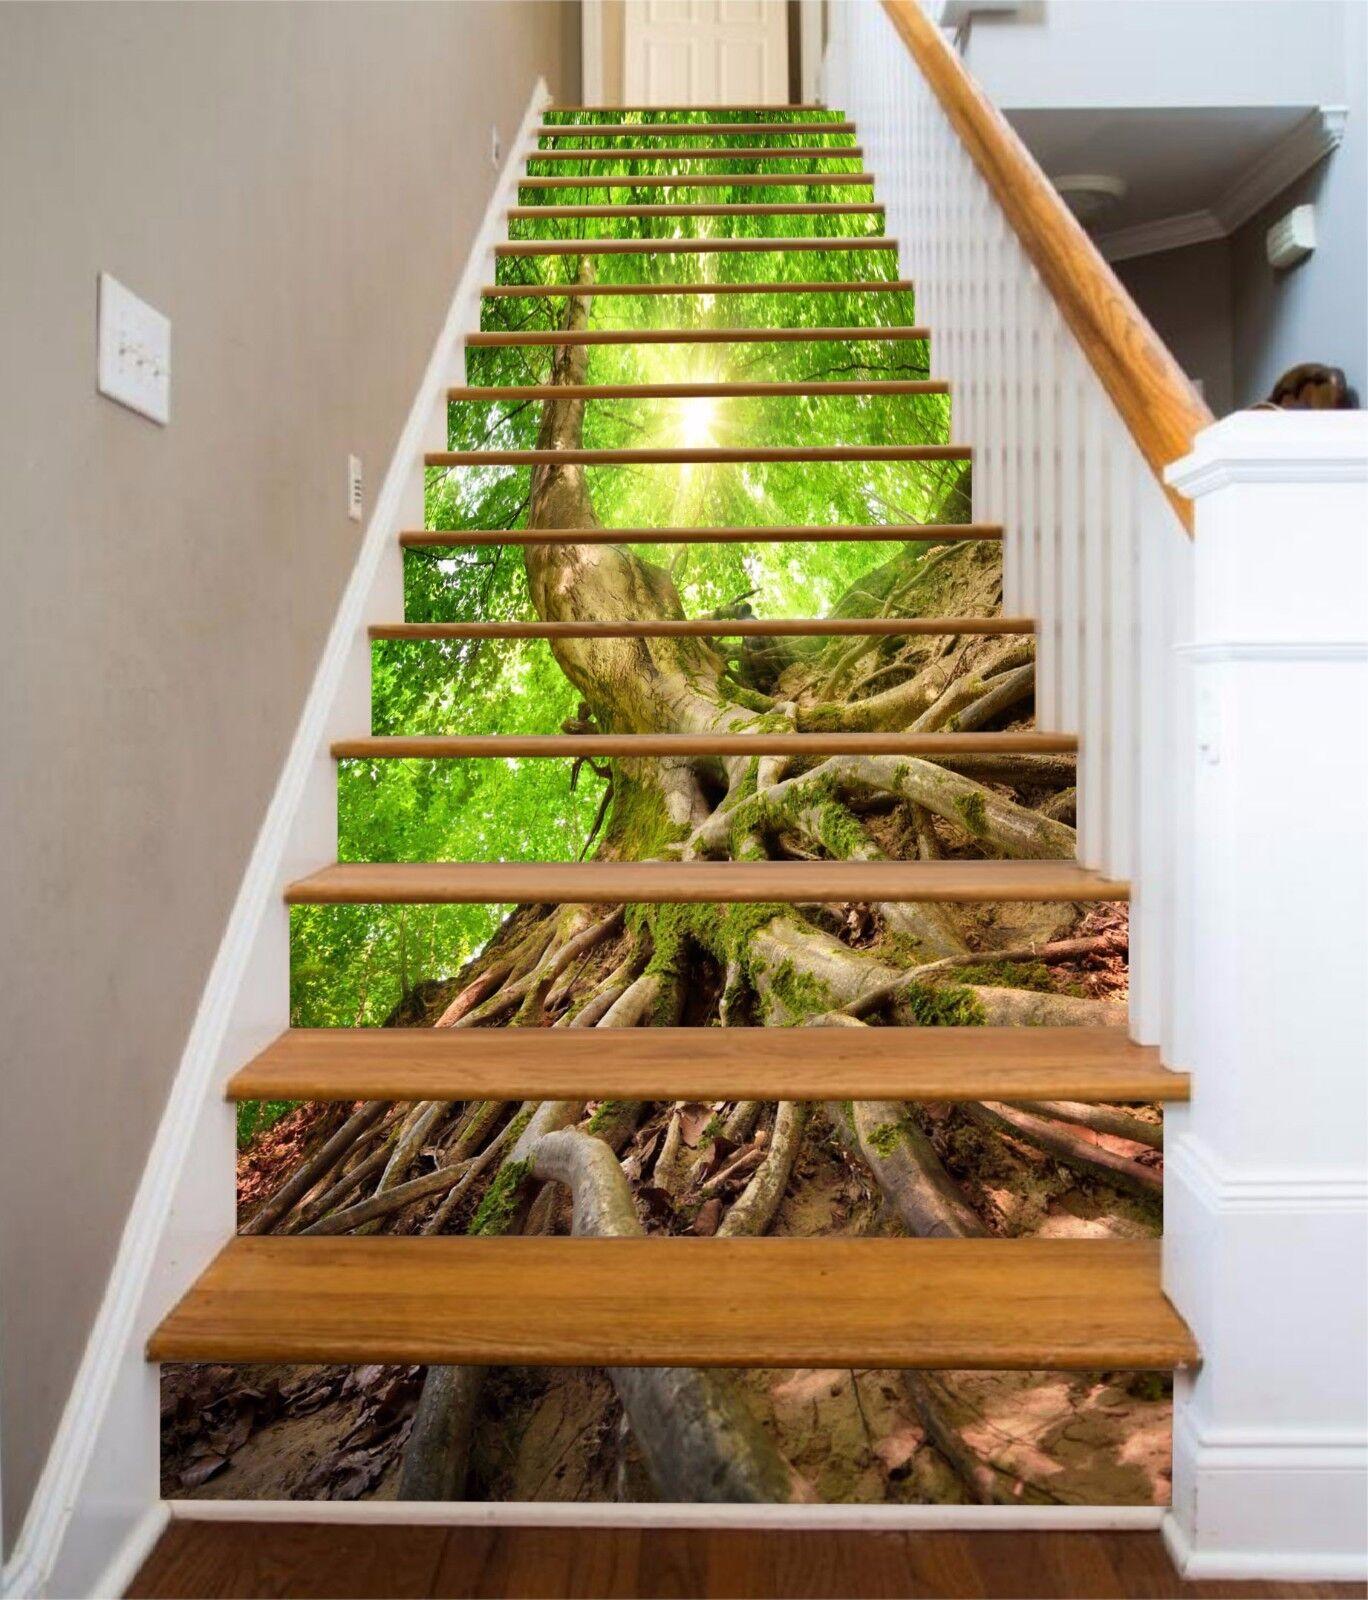 3D Racines d'arbres 218 escaliers contremarches Décoration Photo Murale Autocollant Vinyle Papier Peint US